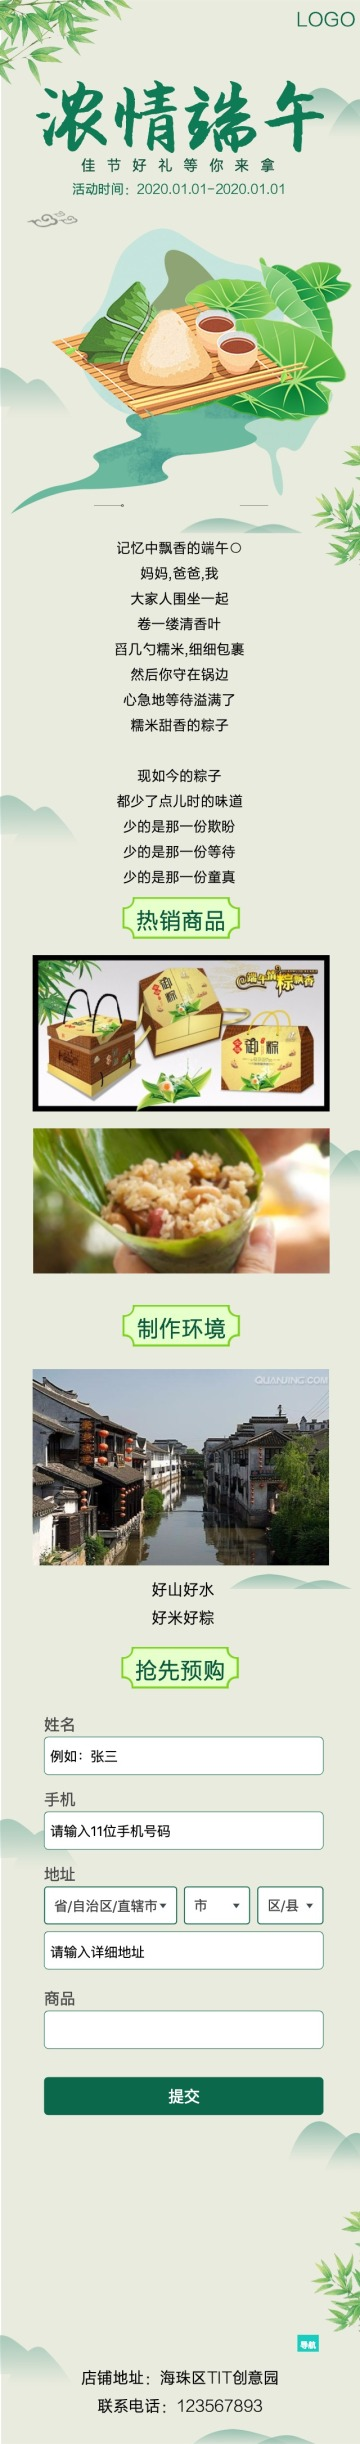 端午节中国风古风百货零售美食粽子促销推广单页